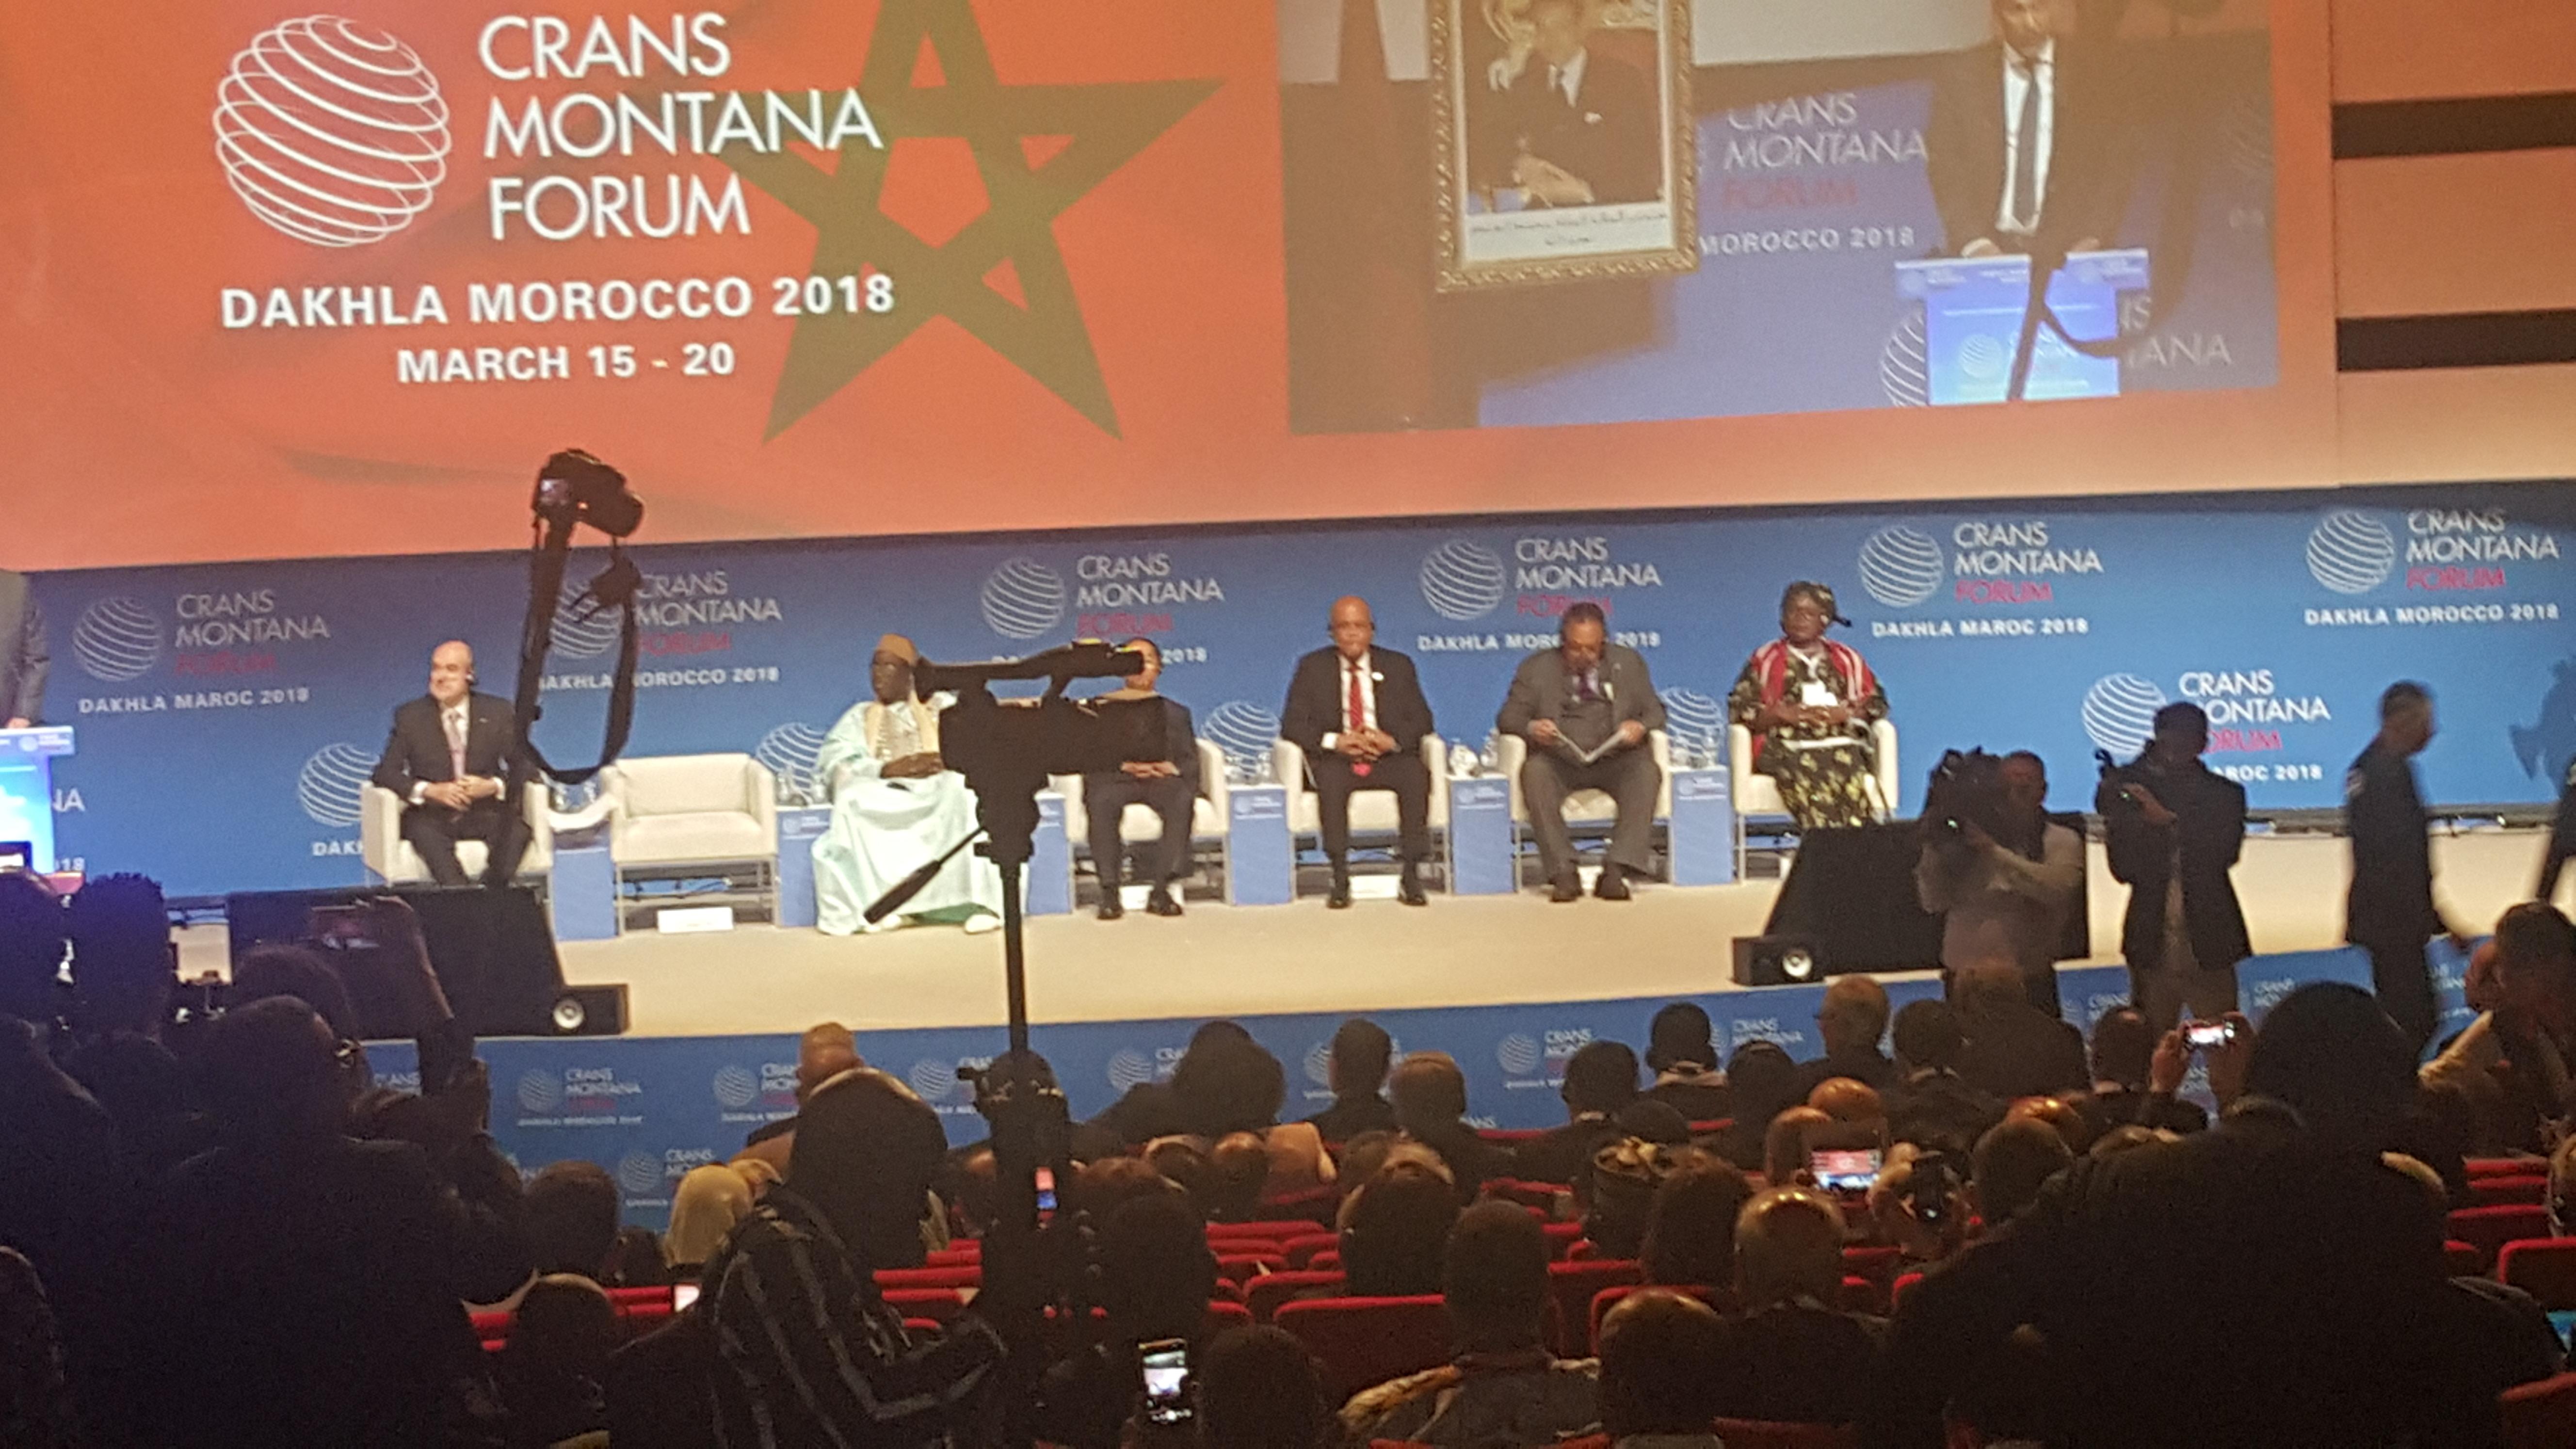 """الملك:""""المغرب من البلدان الإفريقية التي يحدوها طموح كبير لتمكين إفريقيا من تولي زمام أمورها"""""""